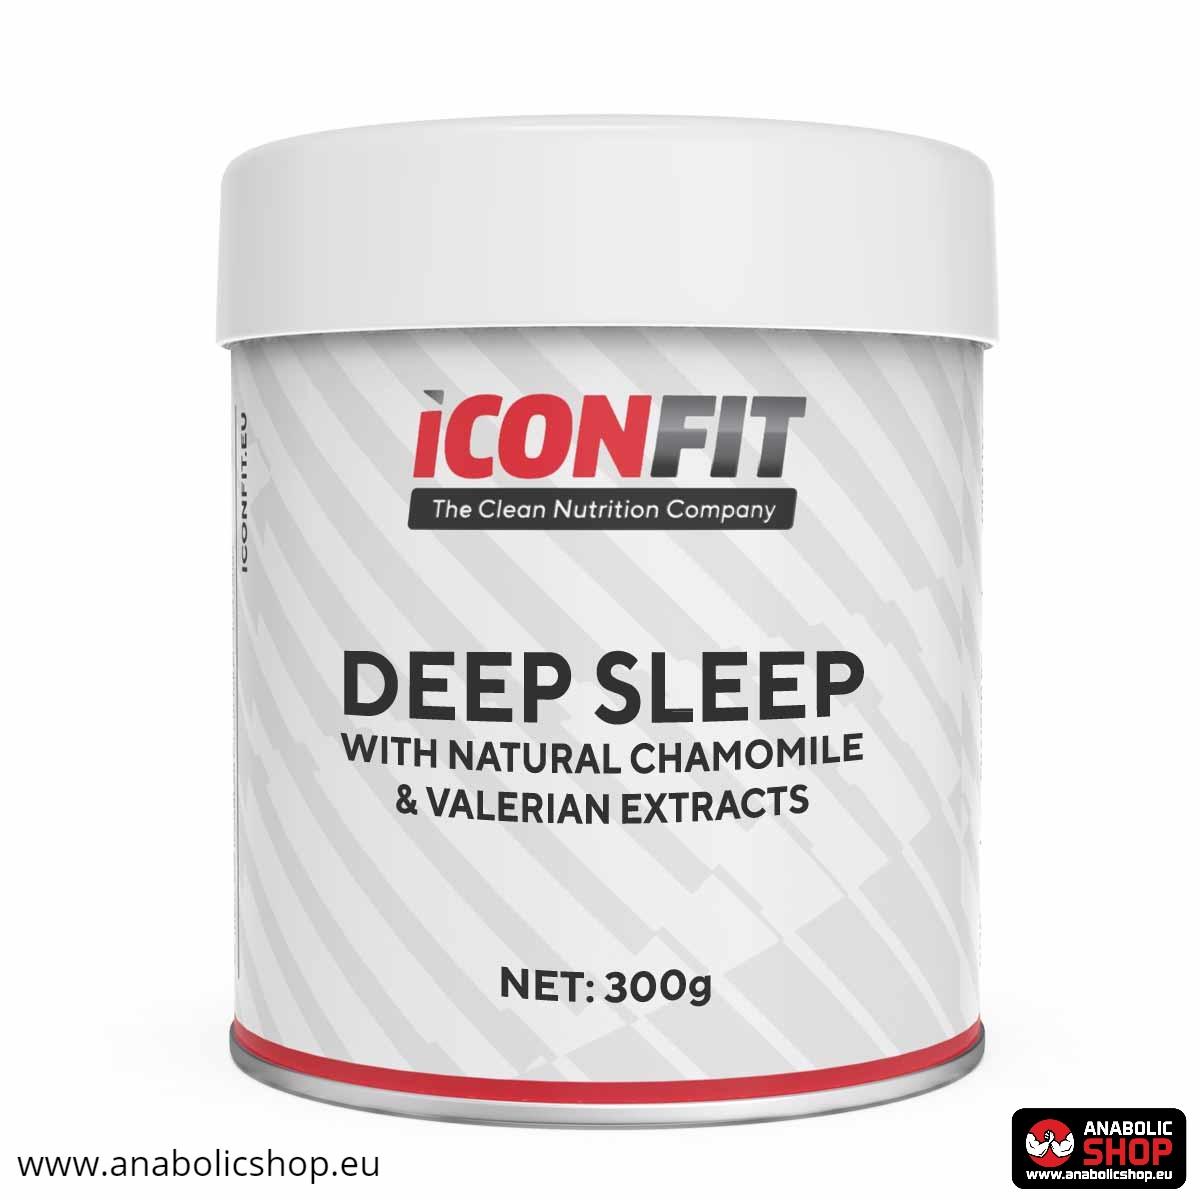 Iconfit Deep Sleep